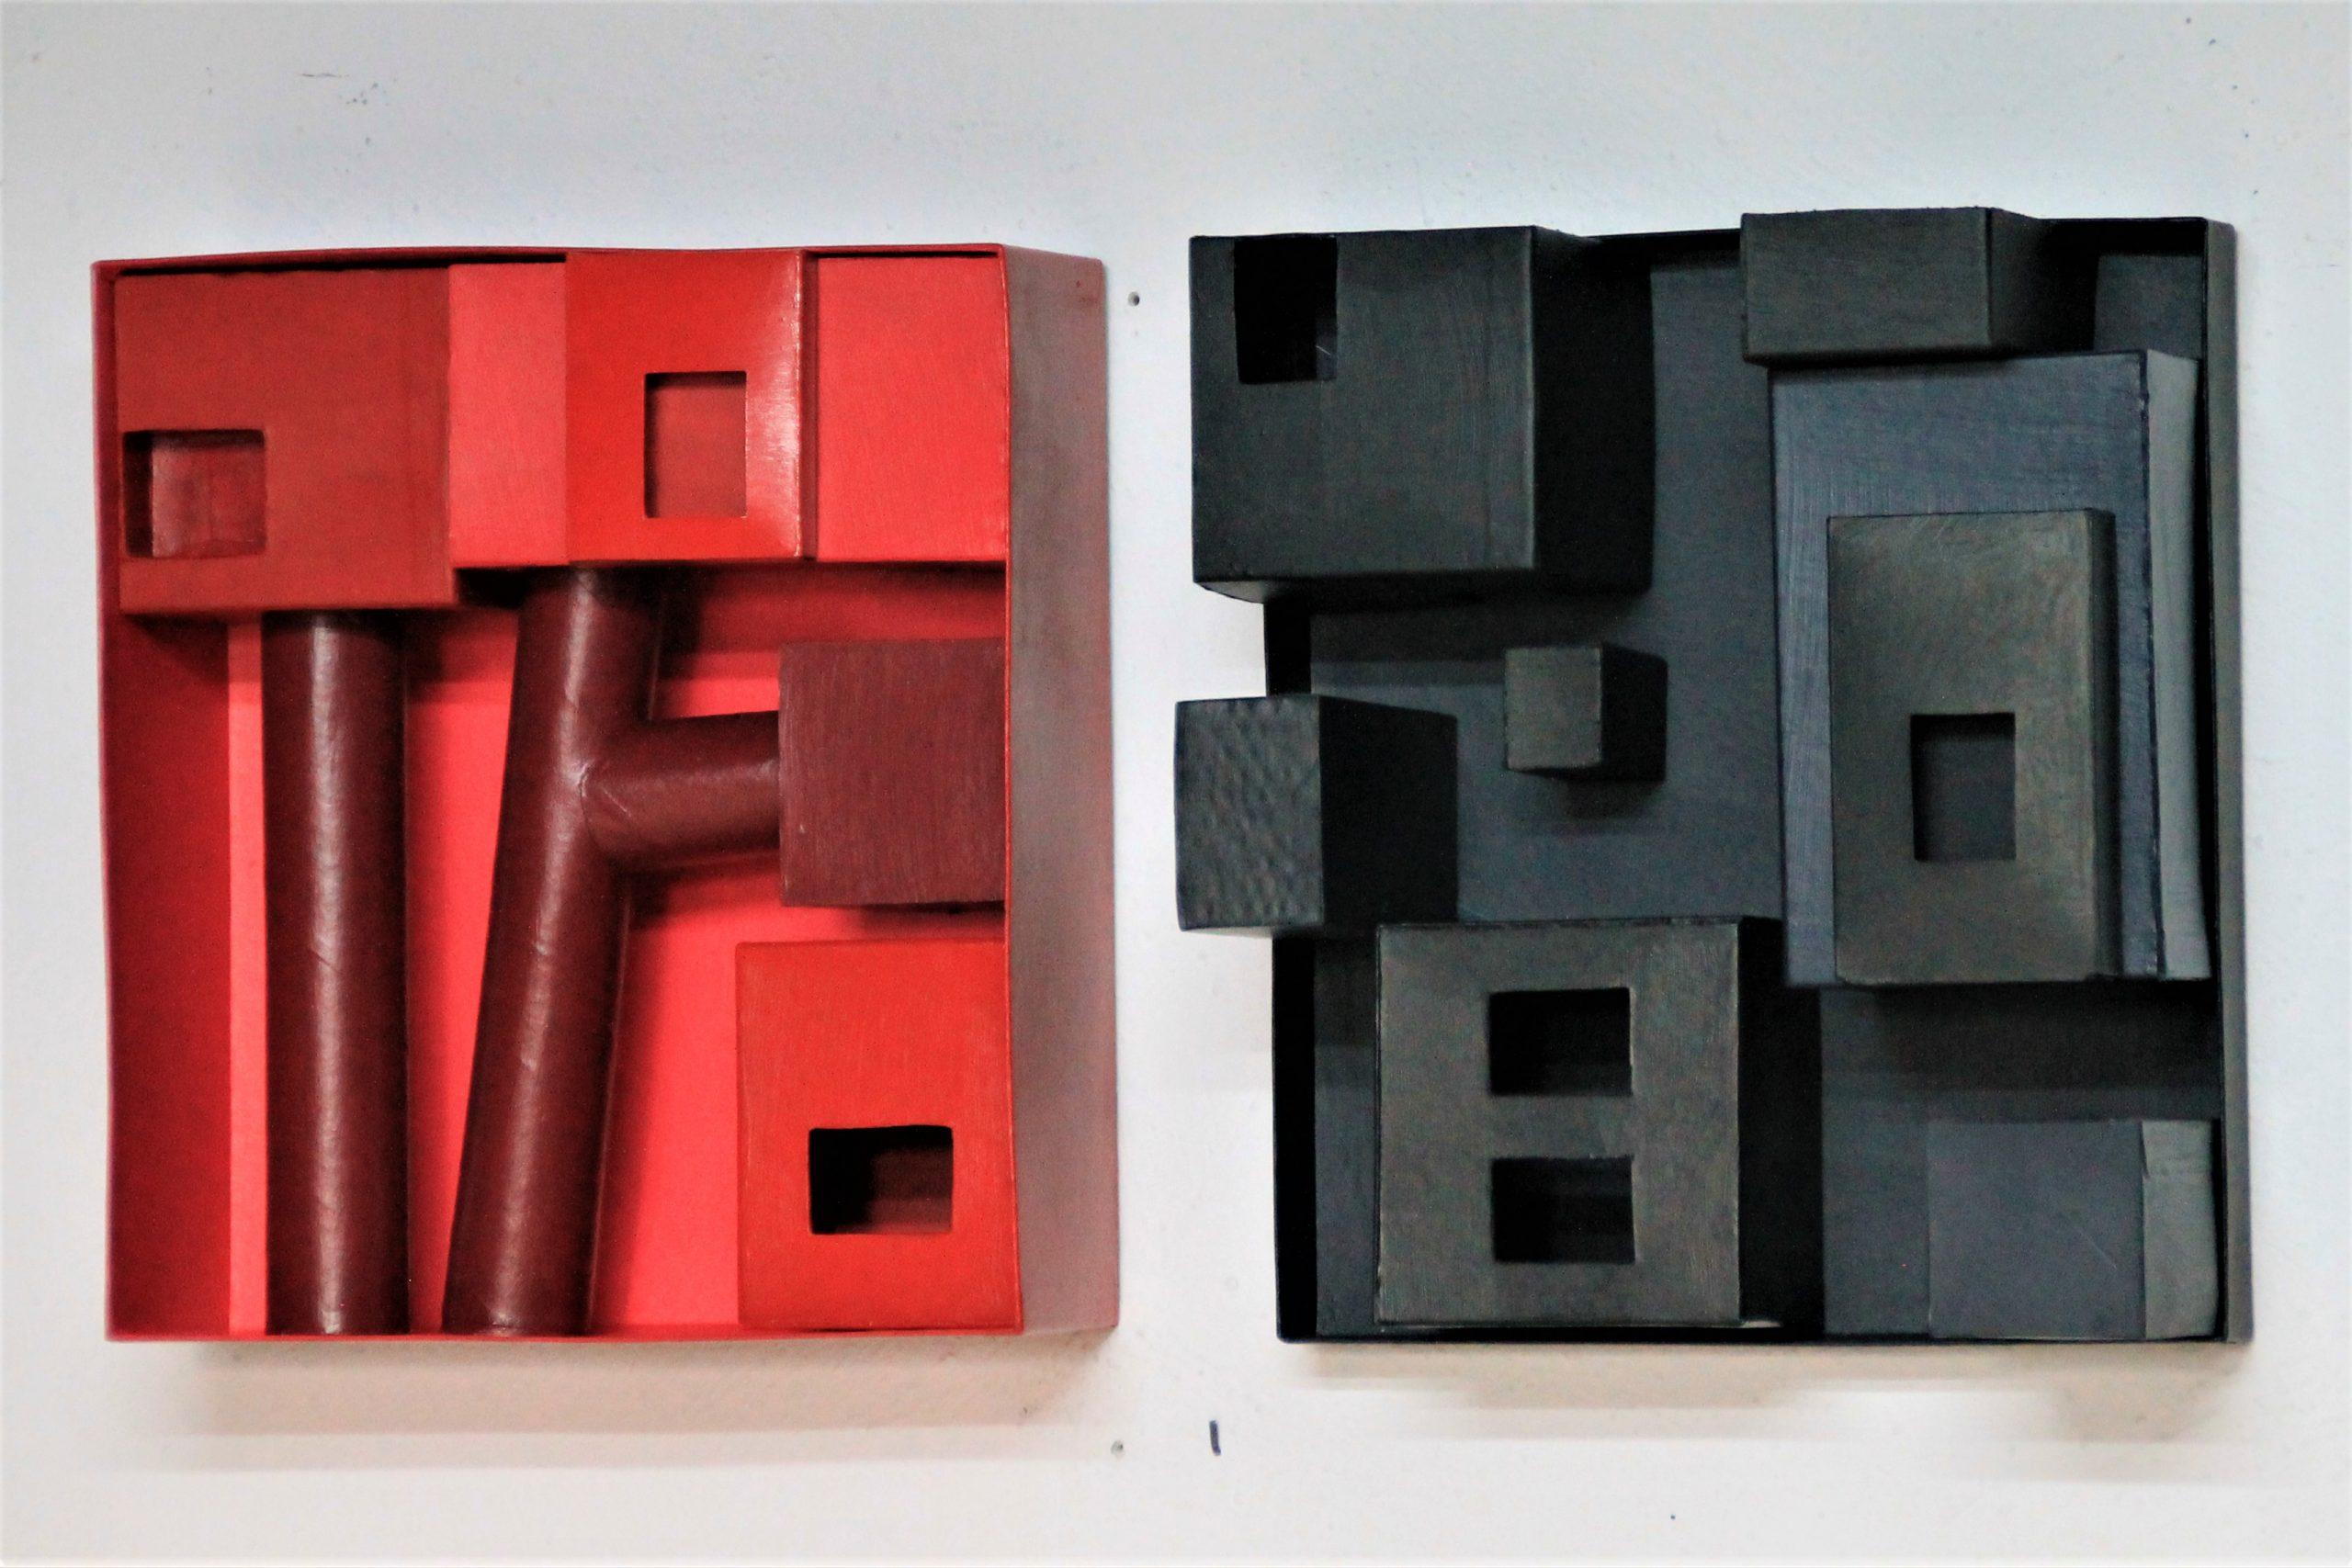 die rote Stadt, die schwarze Stadt, je 32 x 28 12 cm, Pappe, Kartons, Lack, 2020